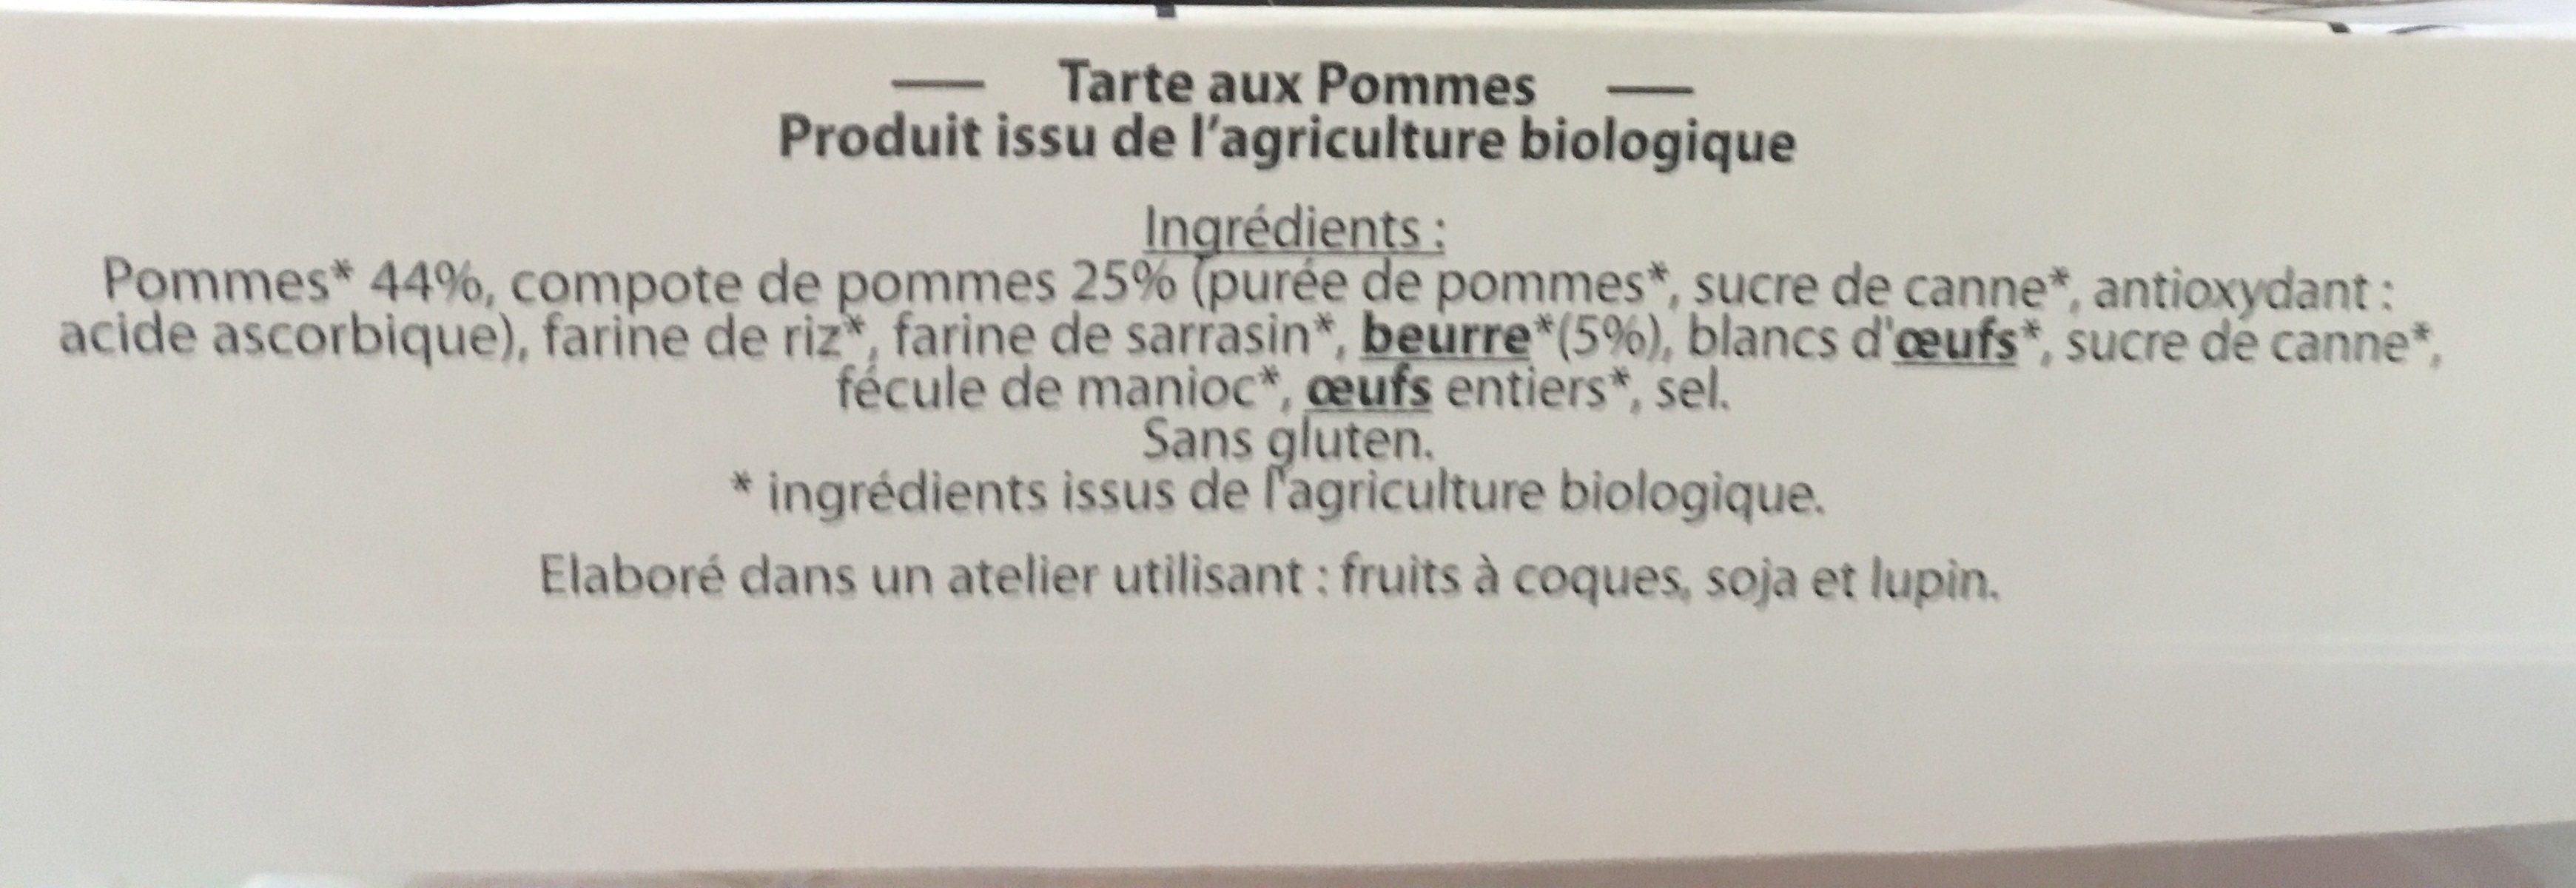 Tarte aux pommes - Ingrediënten - fr